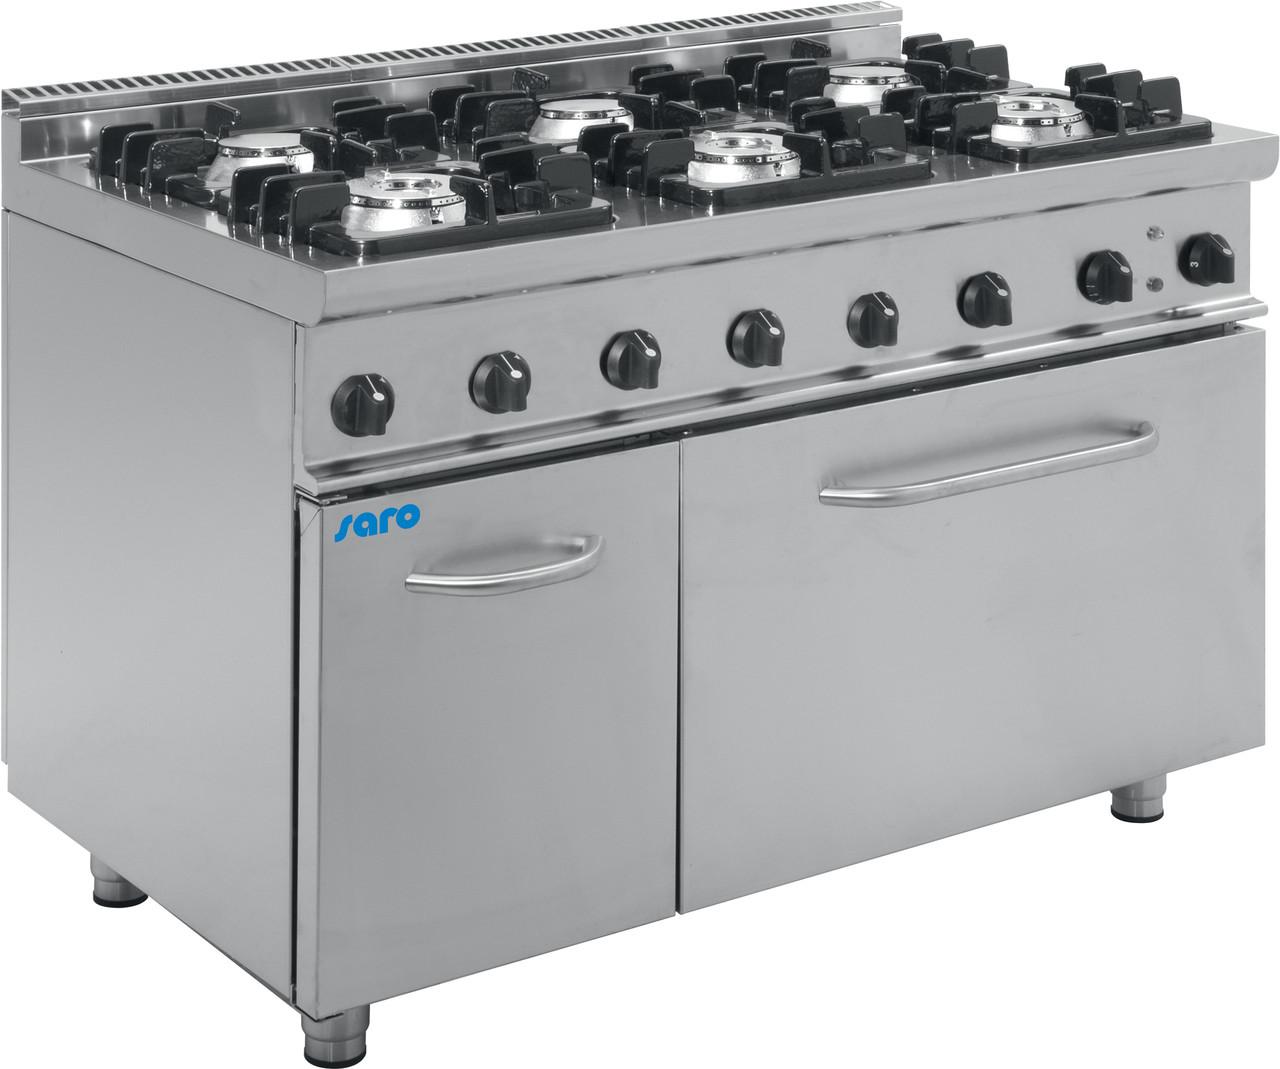 Газовая плита с газовкой духовкой E7 / KUPG6LN Saro